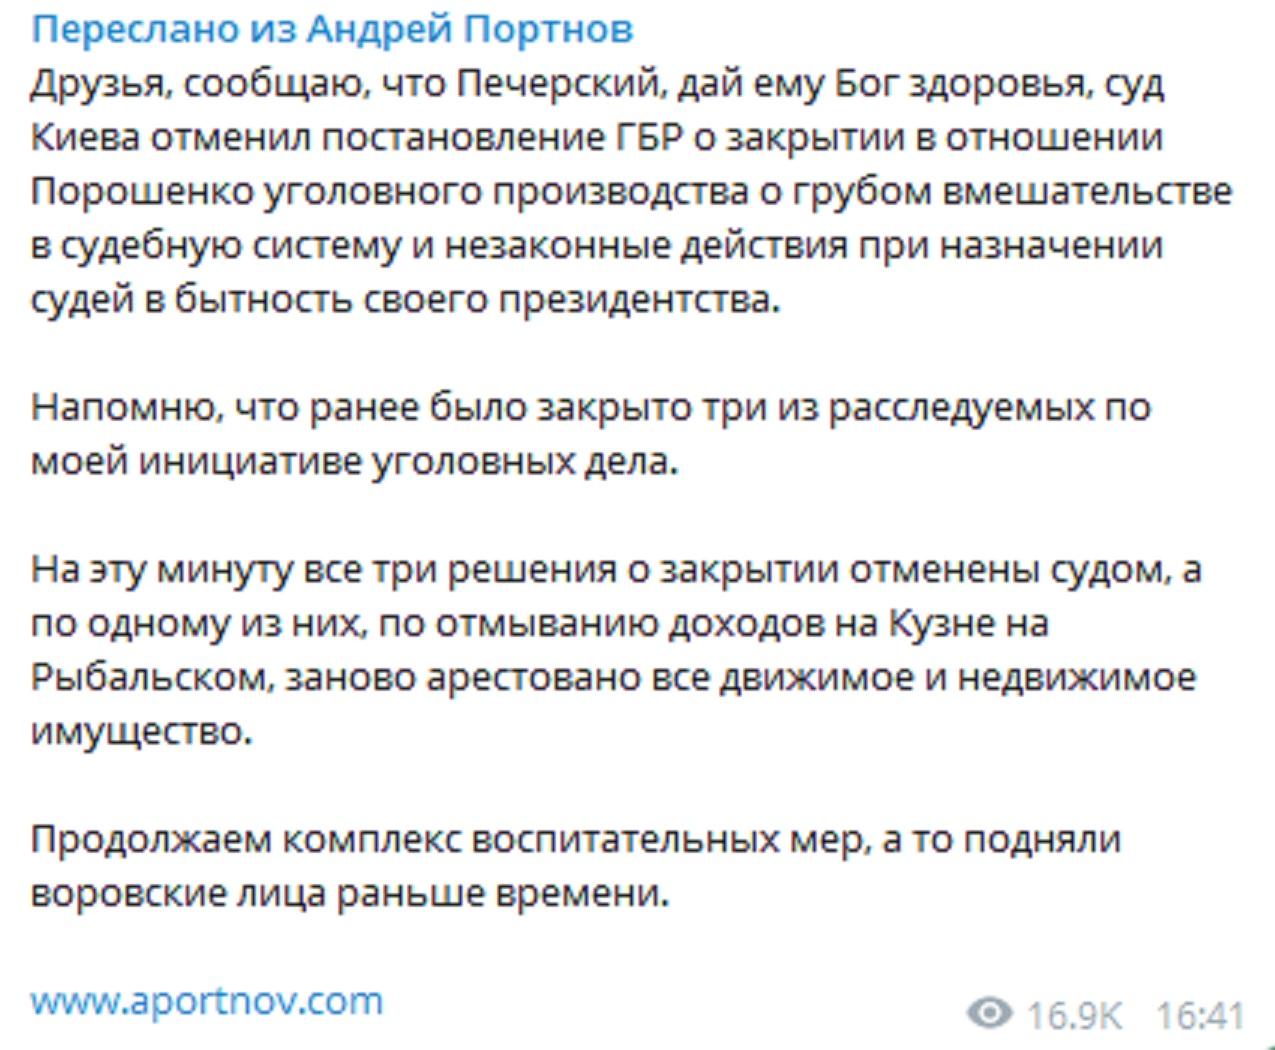 Печерский суд отменил закрытие уголовного дела против Порошенко - фото 1